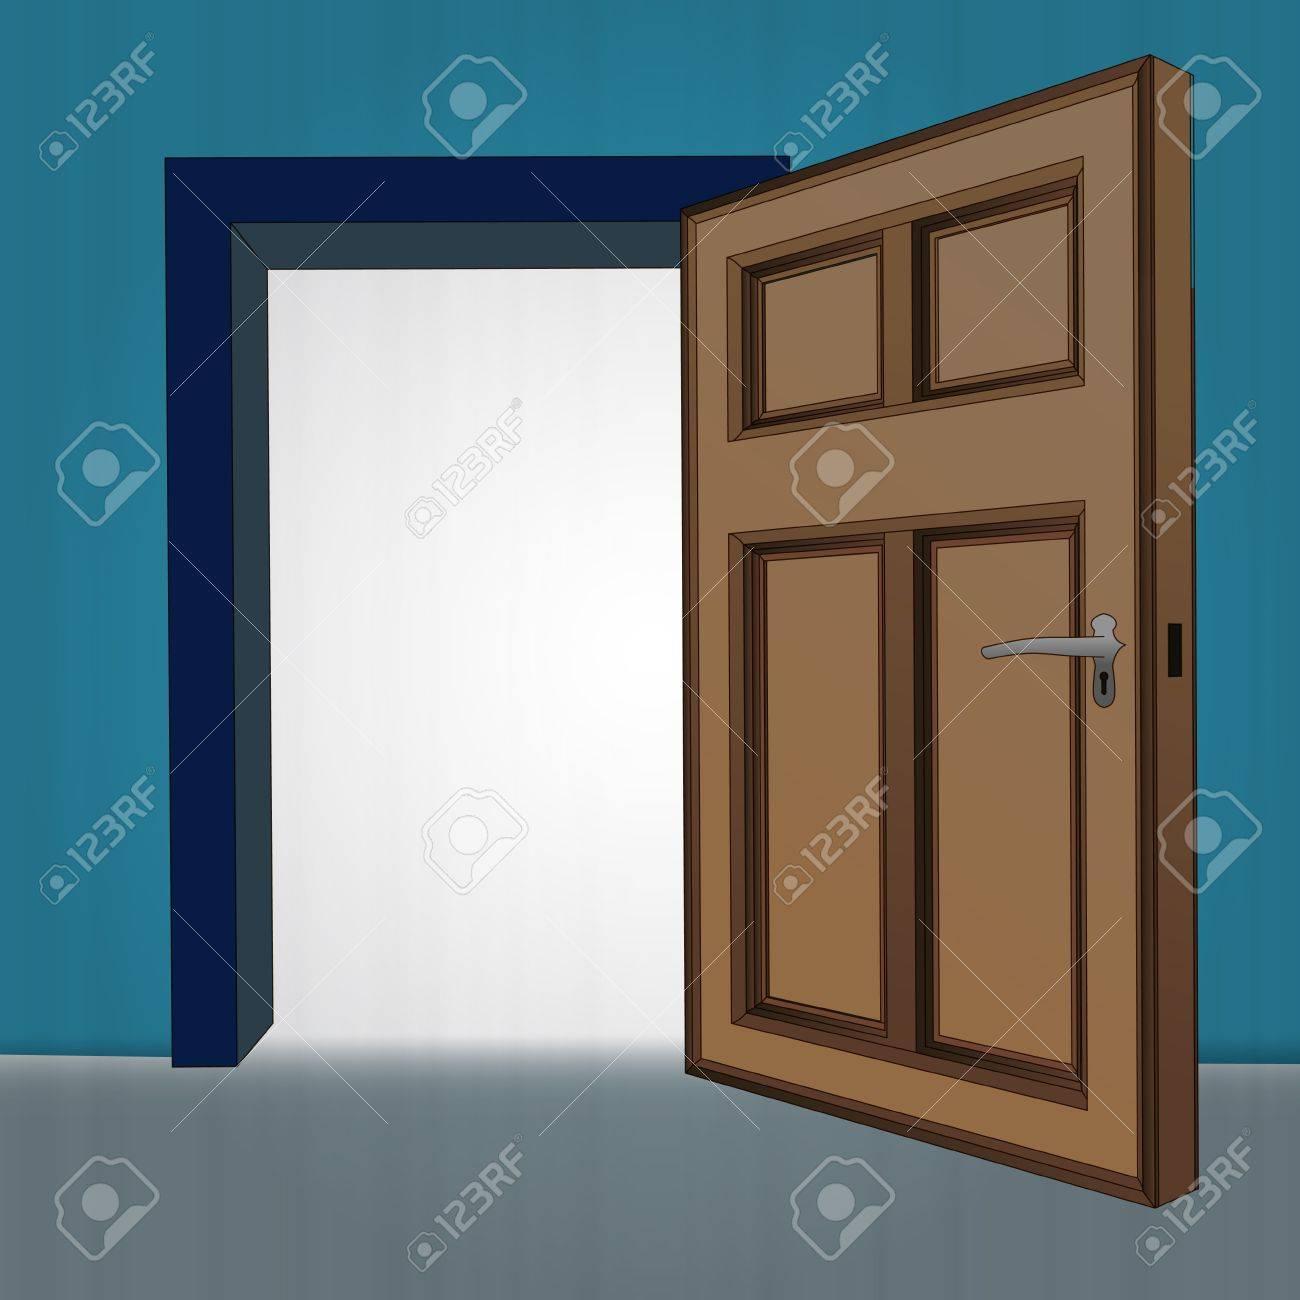 Geöffnete tür zeichnen  Holzeinlegeböden Offenen Tür Am Blauen Wand Darstellung Lizenzfrei ...